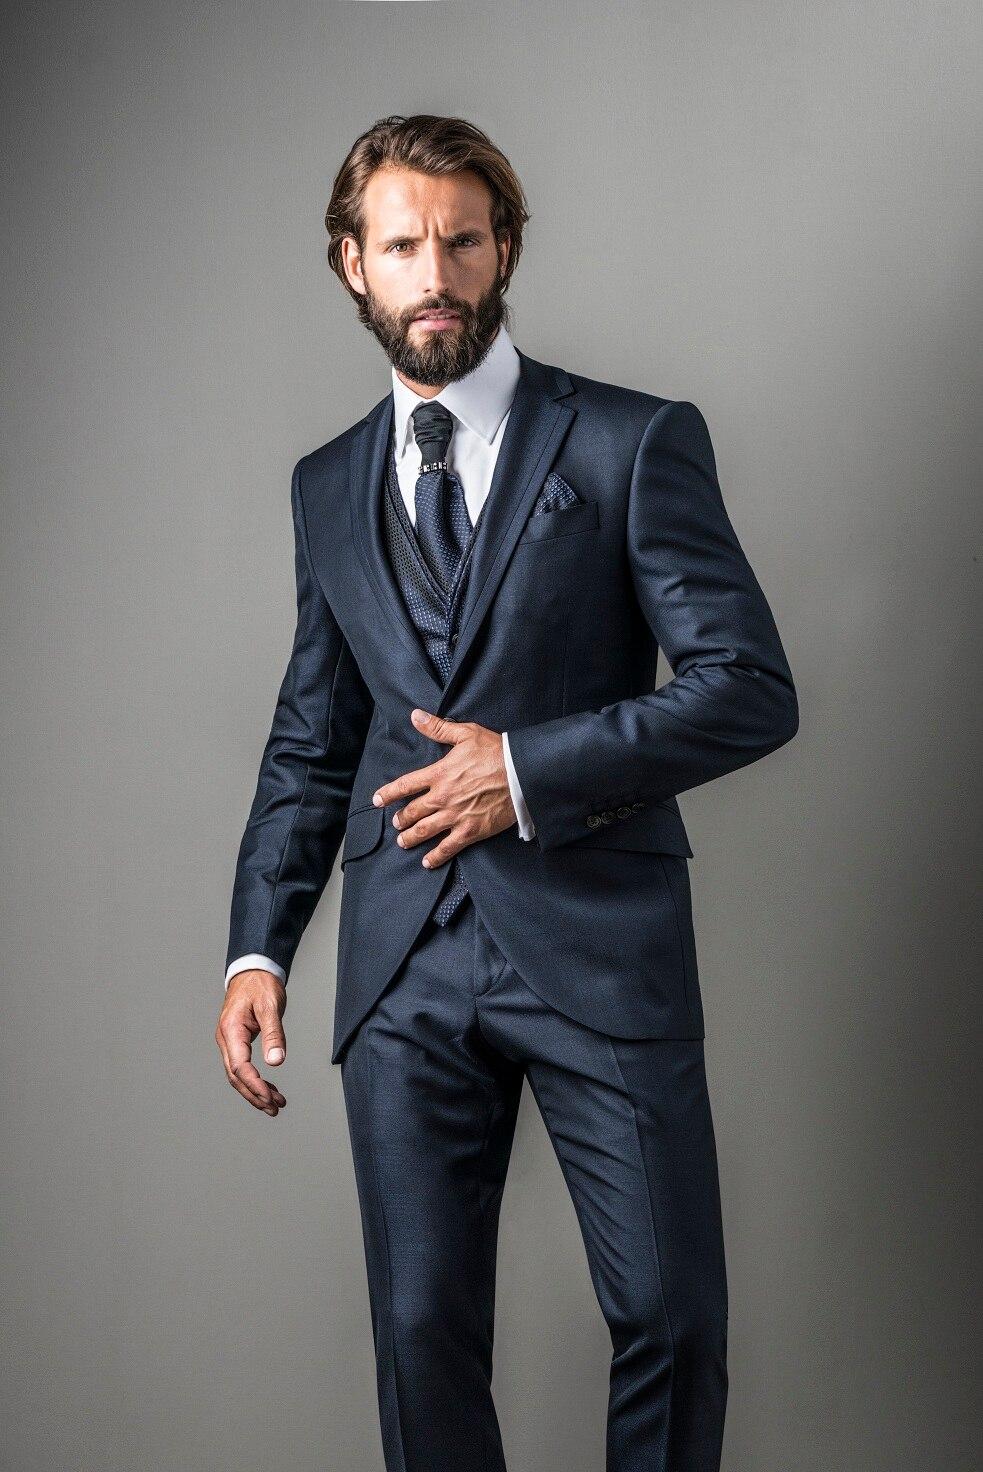 Hot Men Suits